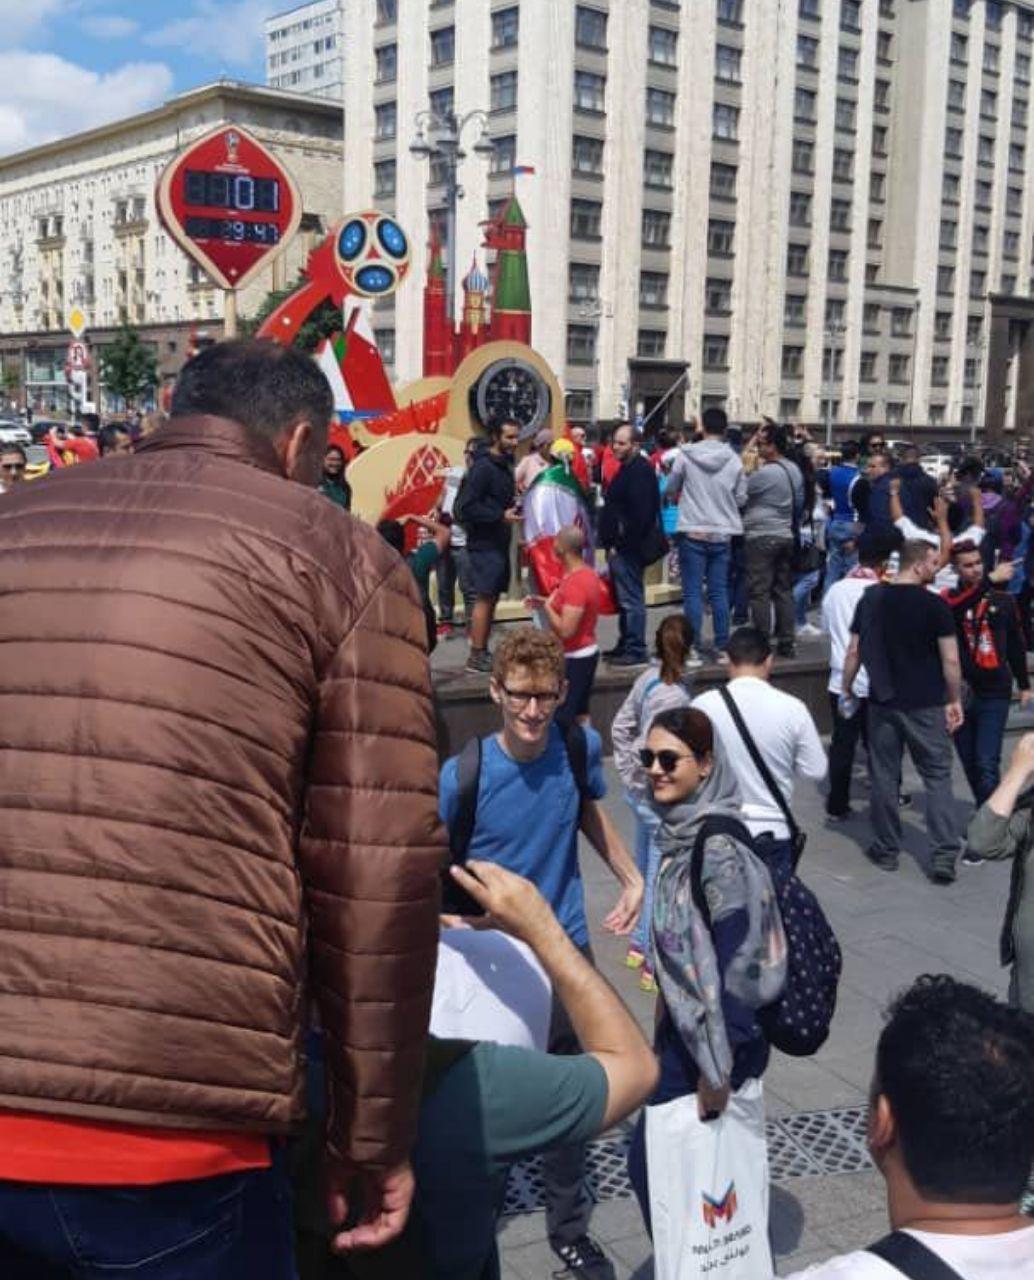 تنها بانوى خبرنگار ایرانی حاضر در روسیه،در میدان سرخ این کشور